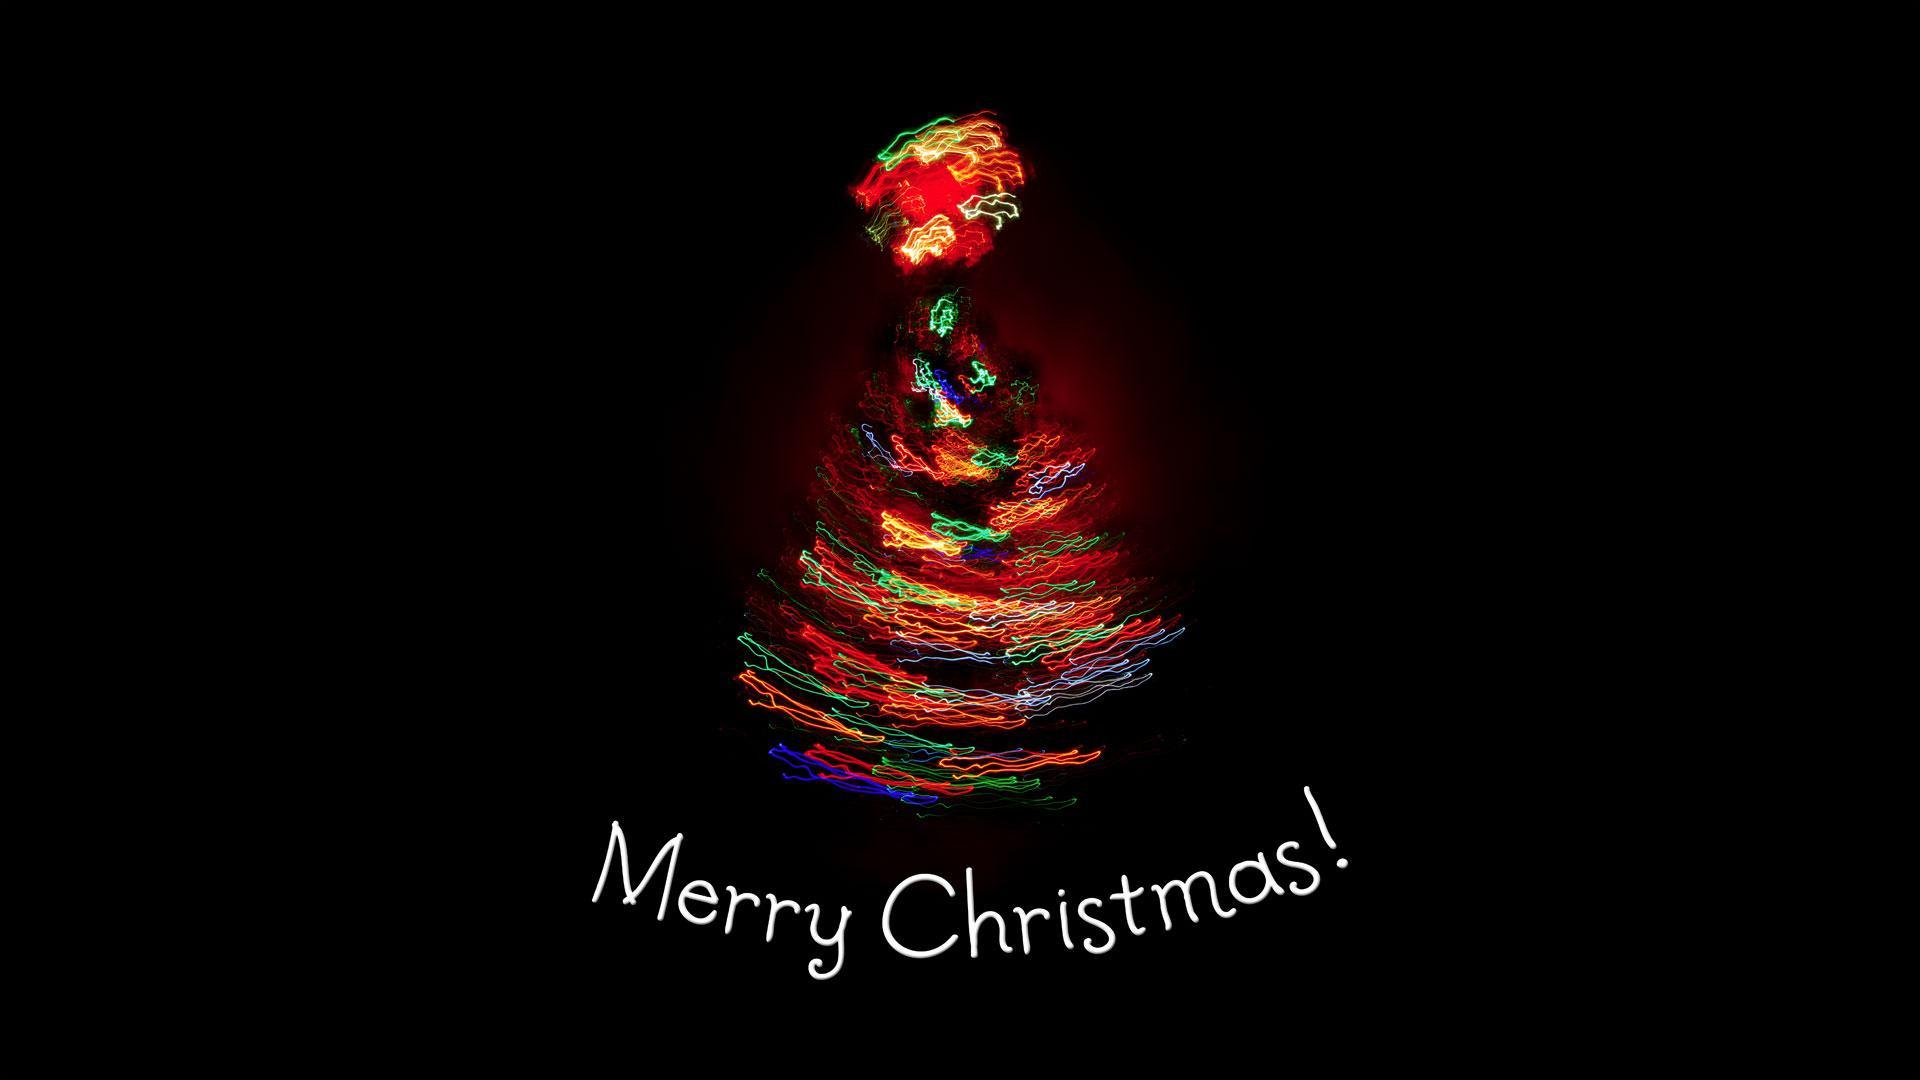 1920x1080 Light Tree Merry Christmas Wallpaper Hình nền PC.  Cao